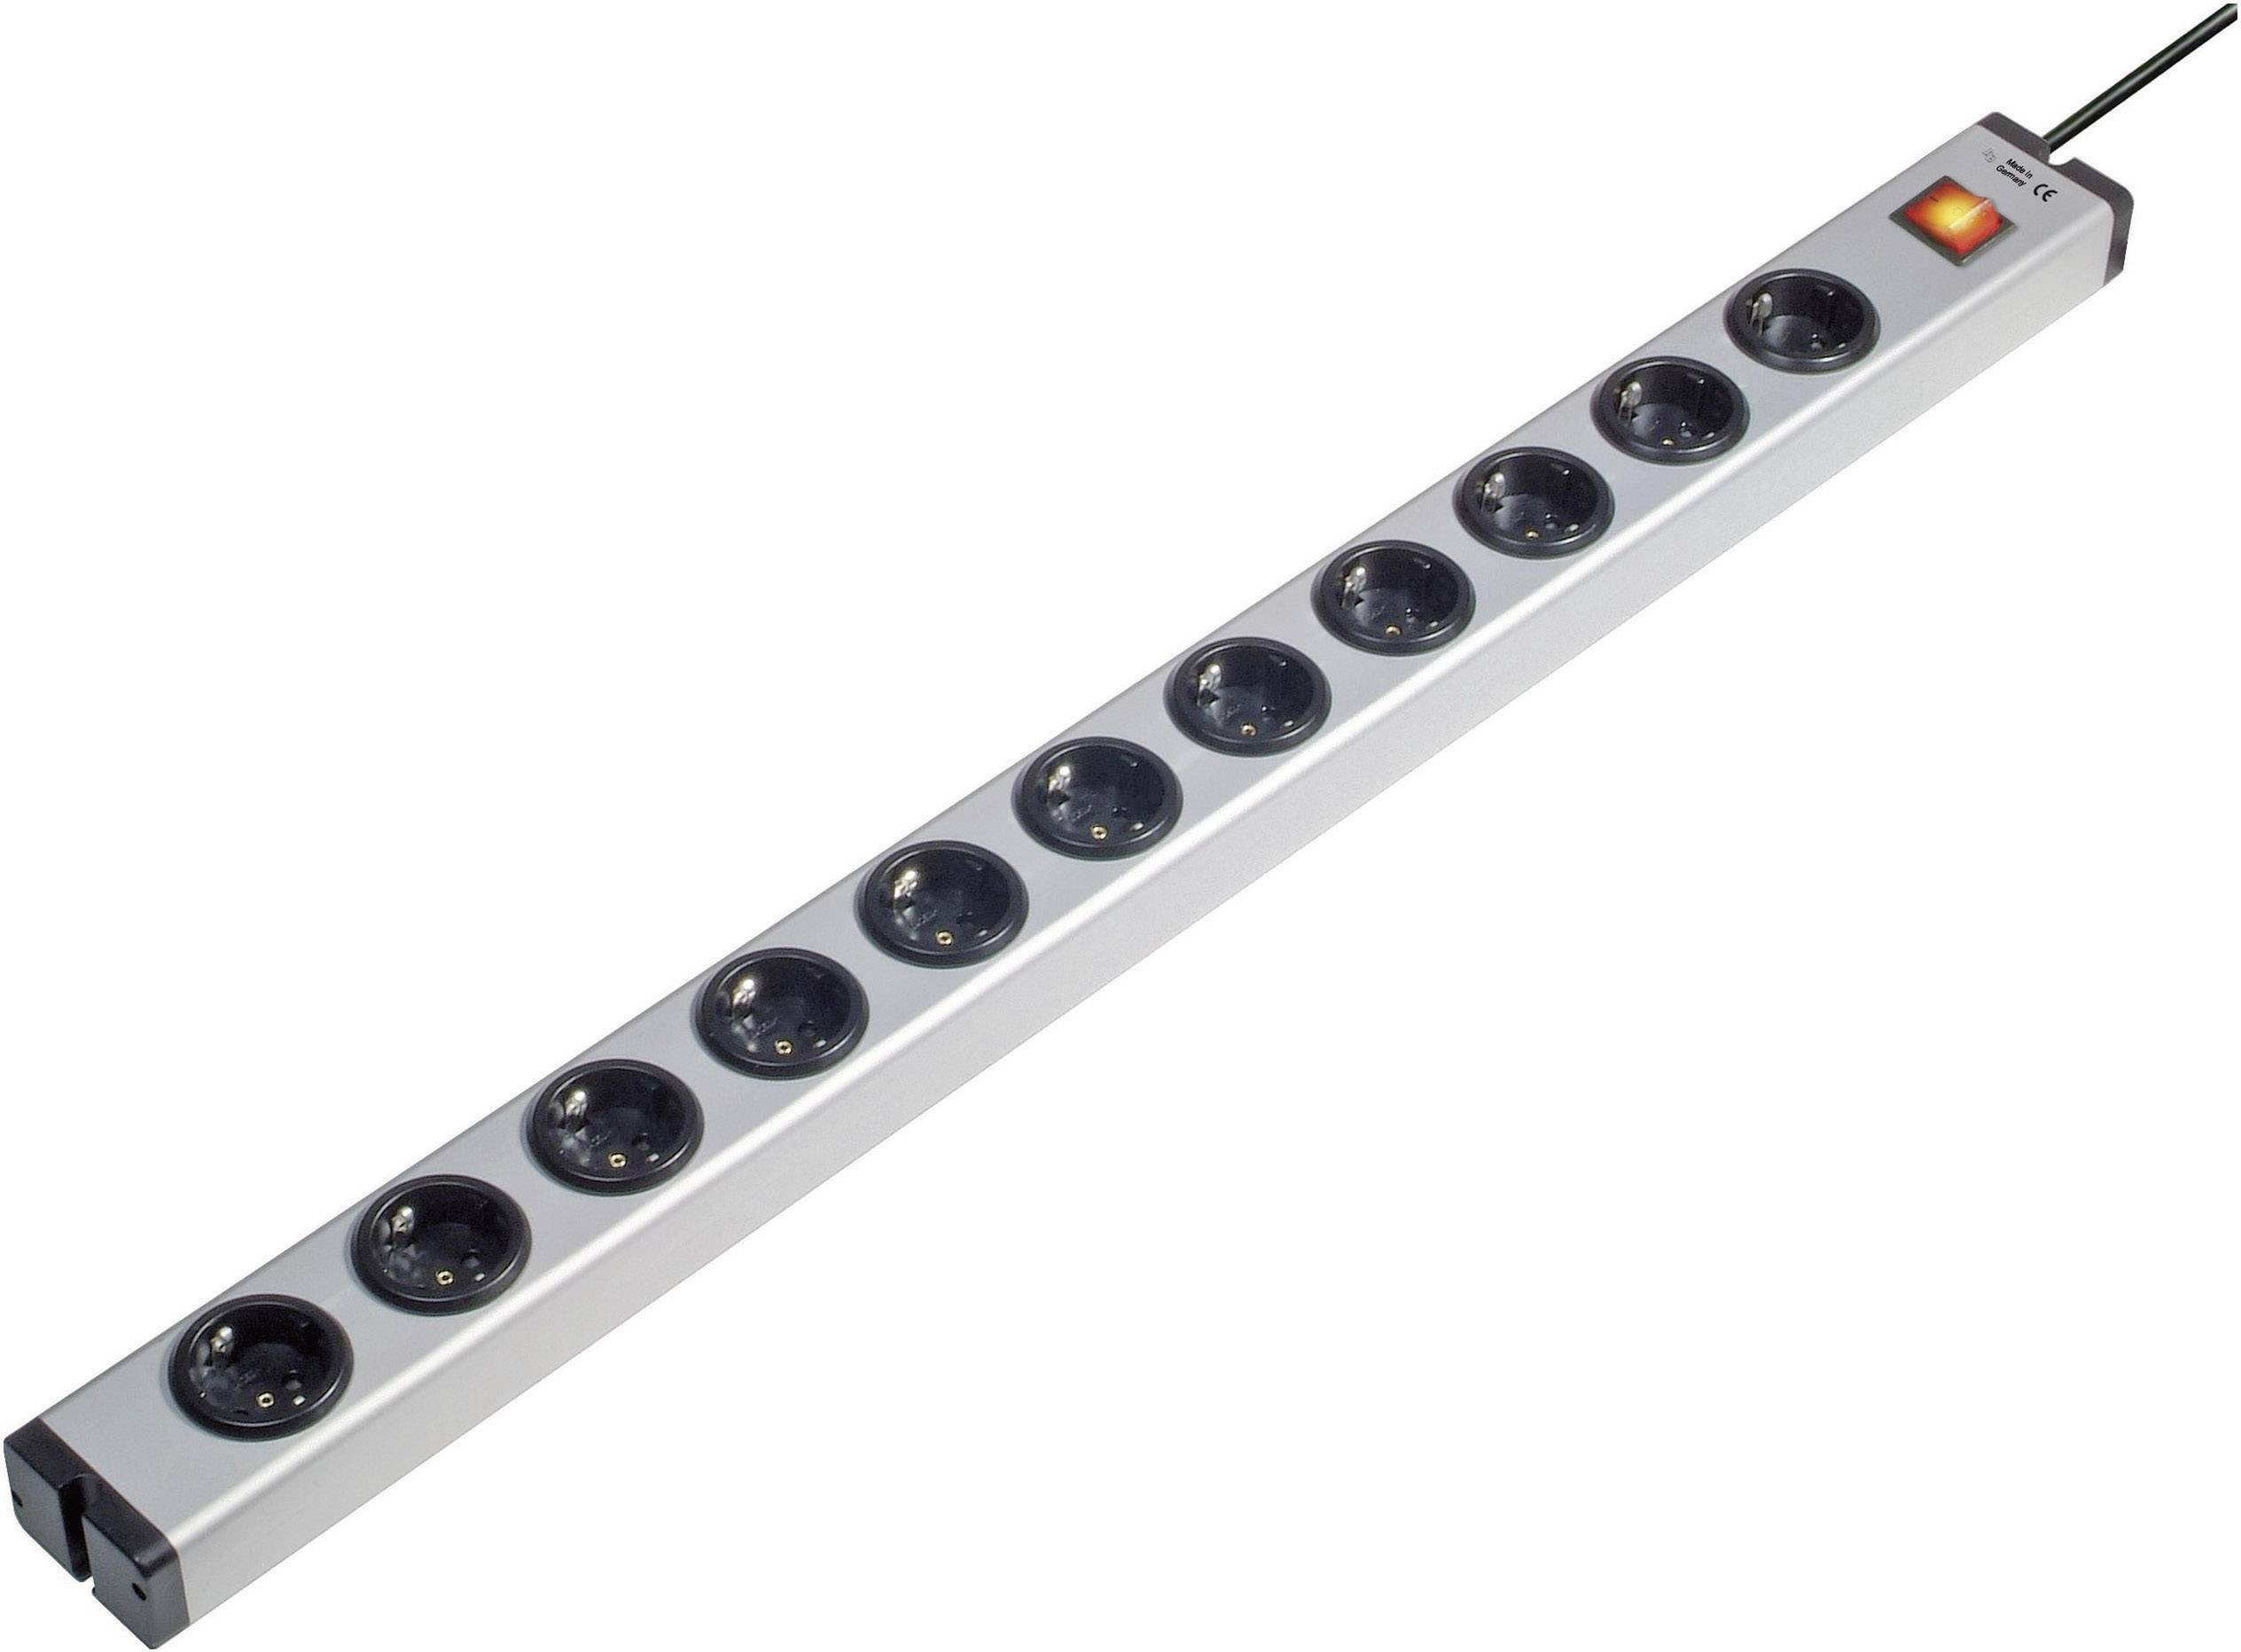 Zásuvková lišta Ehmann so spínačom, 11 zásuviek, dĺžka káblu 1.5 m